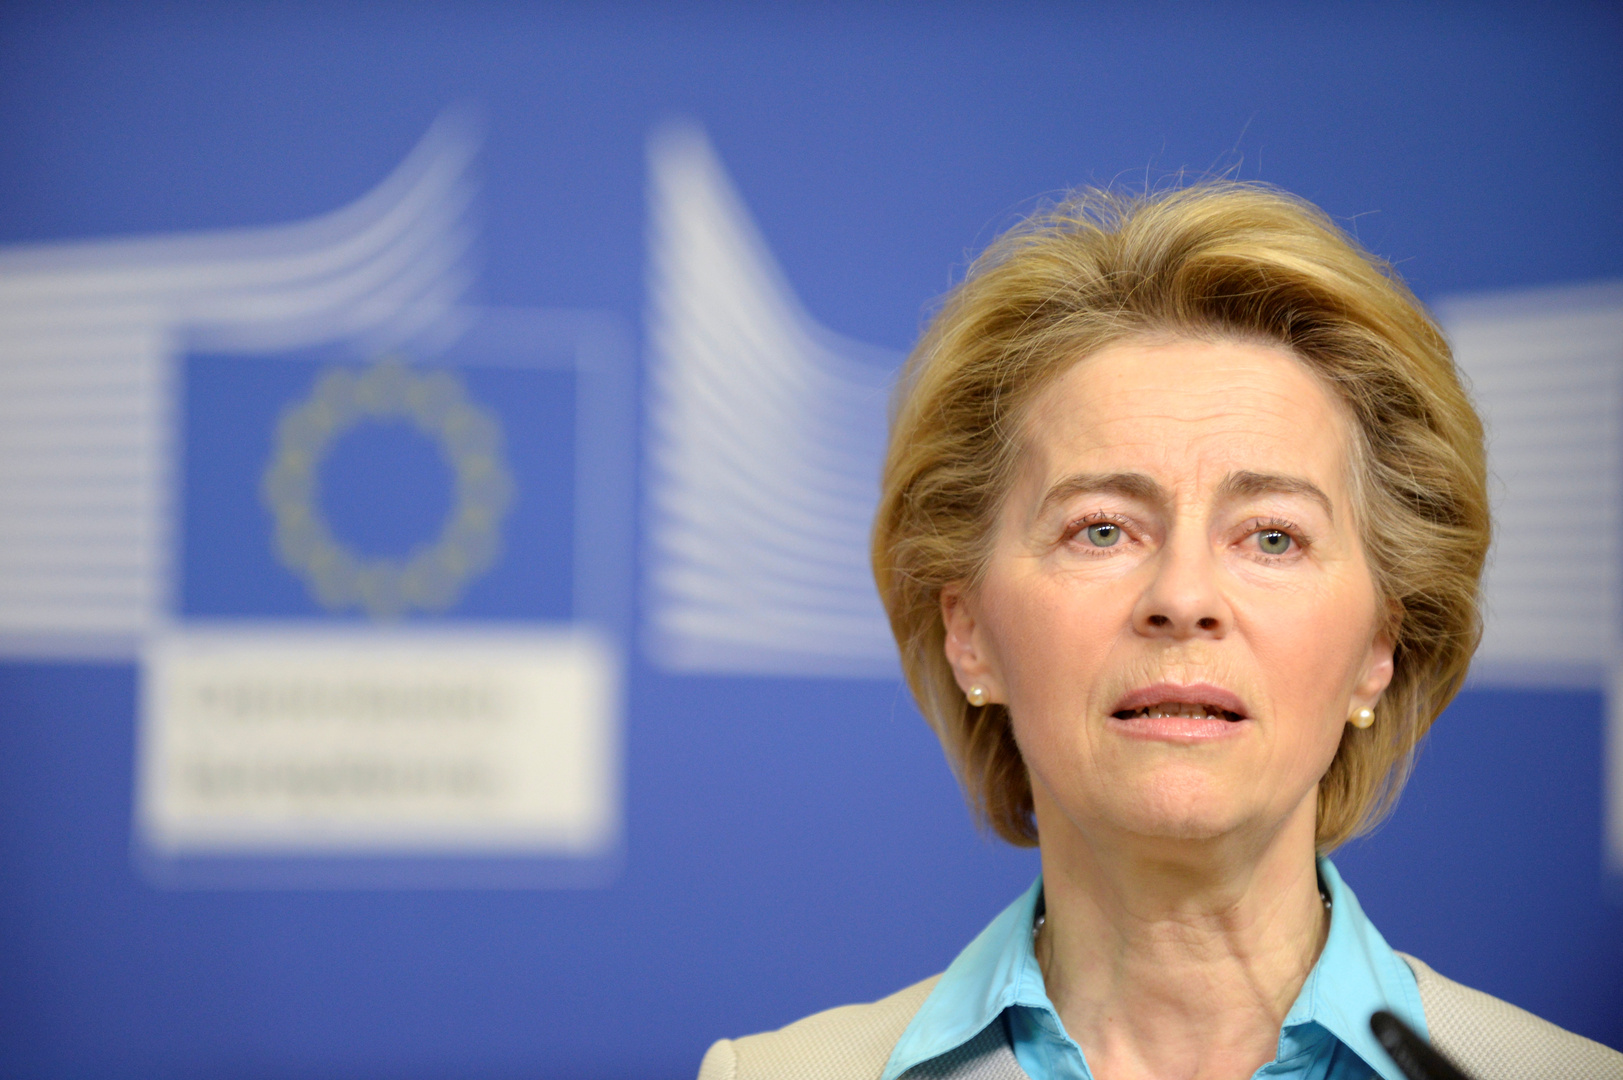 الاتحاد الأوروبي: وقف إطلاق النار في ليبيا خطوة في الاتجاه الصحيح لكن لدور الأمم المتحدة أهمية قصوى